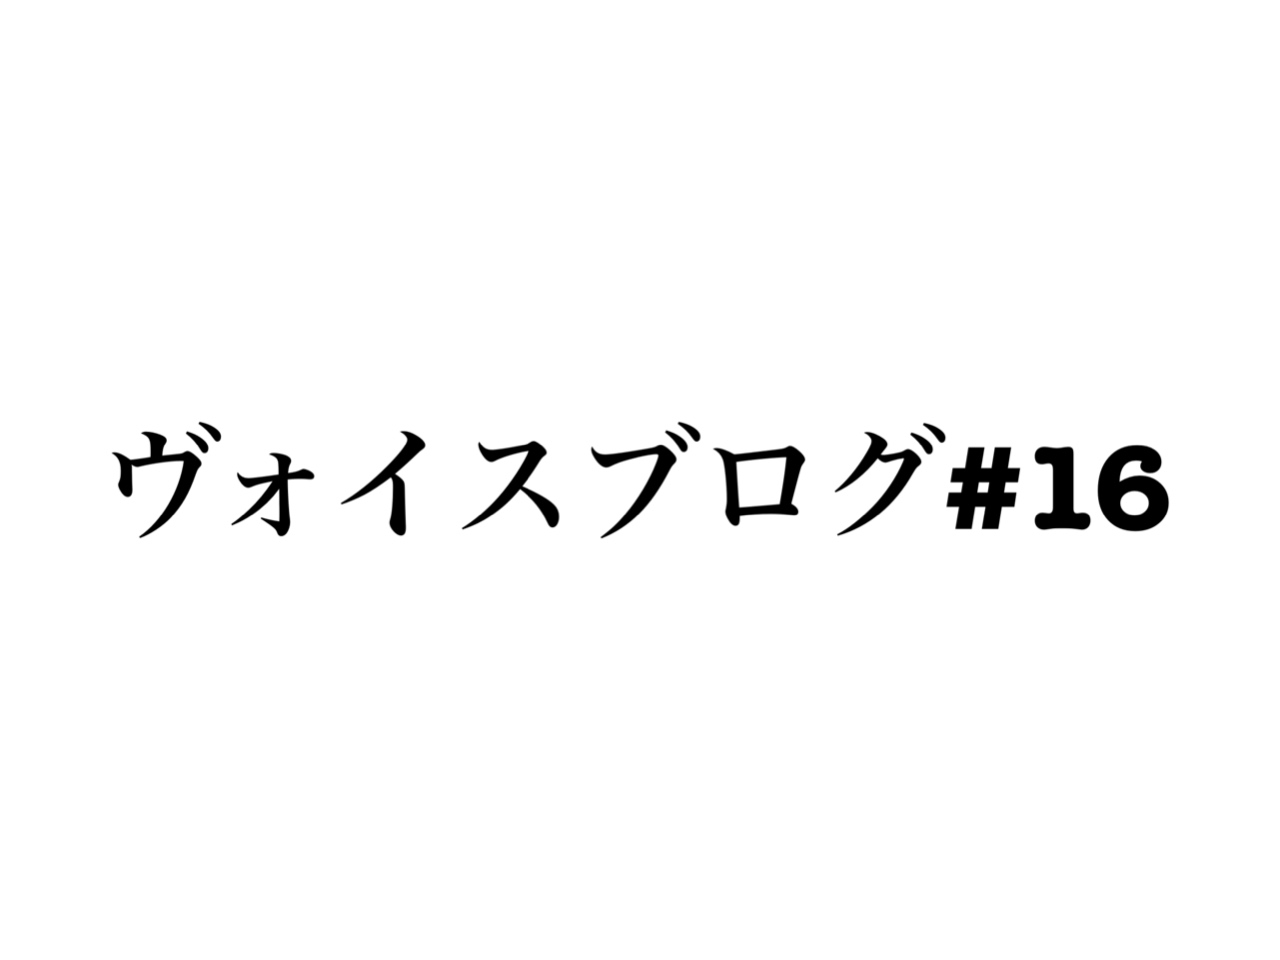 ヴォイスブログ#16